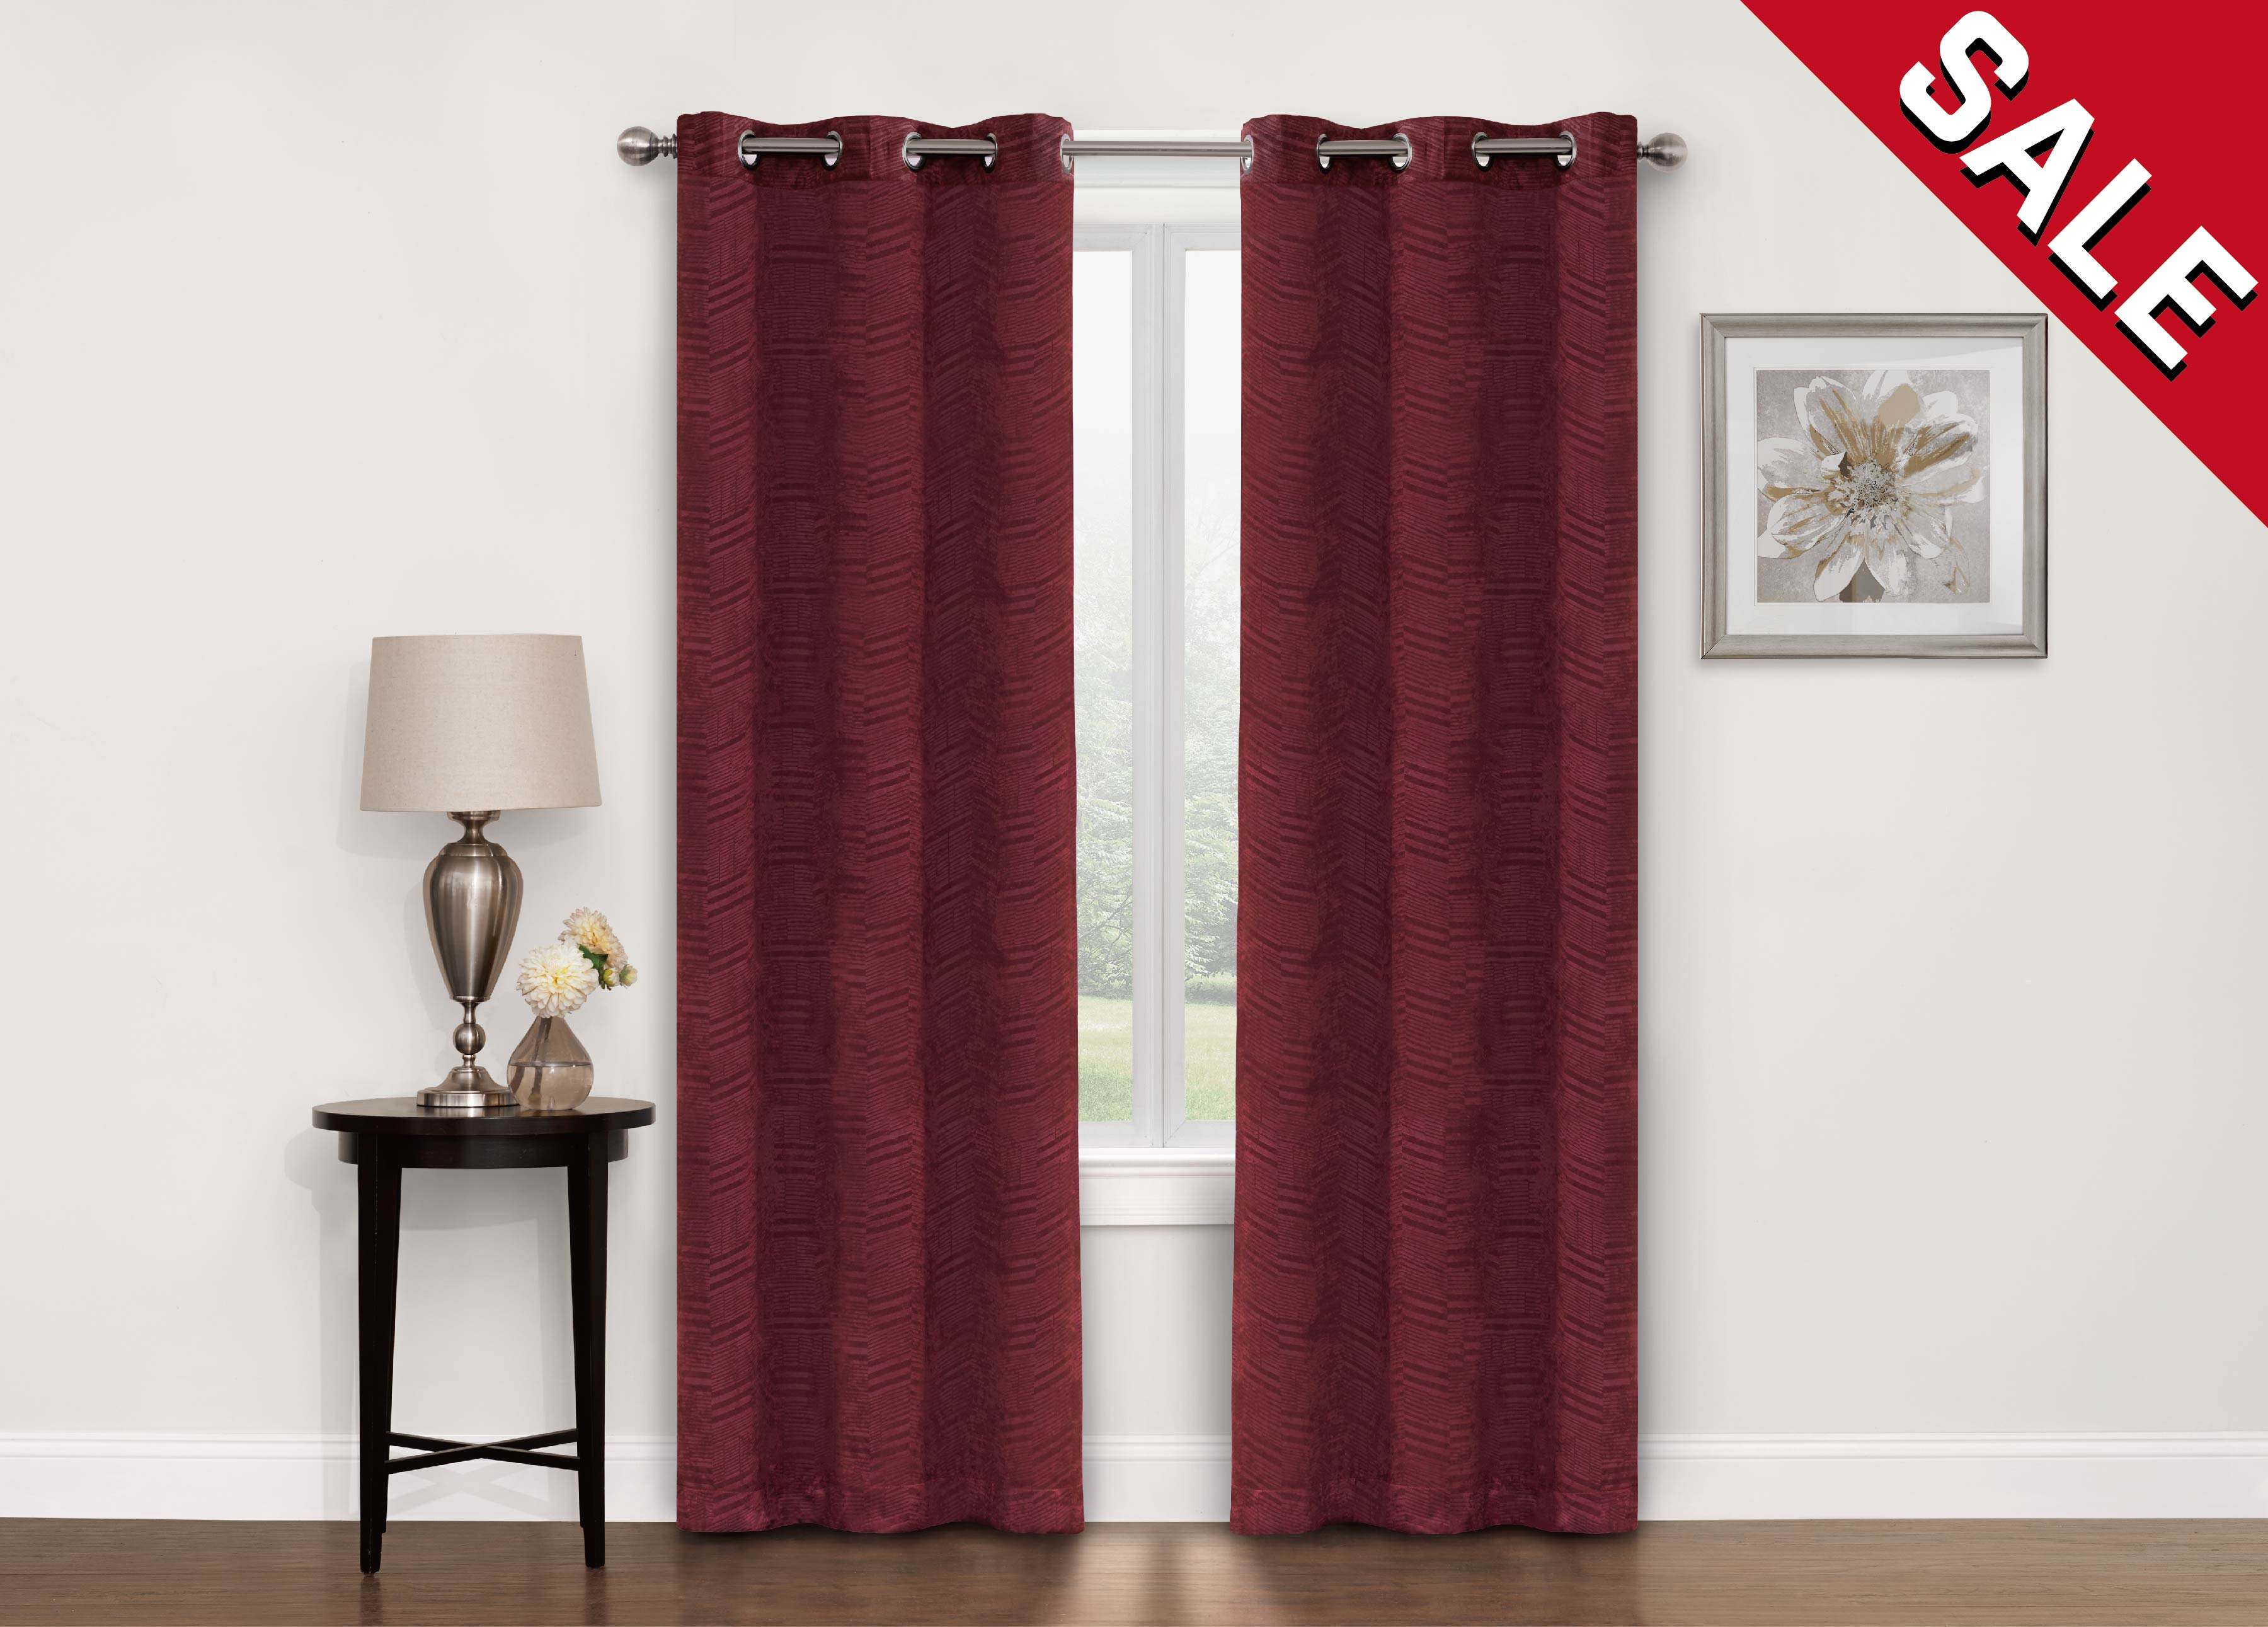 """Chevron Blackout 40"""" X 84"""" Grommet Curtain Panel, 1 Pc Throughout Chevron Blackout Grommet Curtain Panels (View 14 of 20)"""